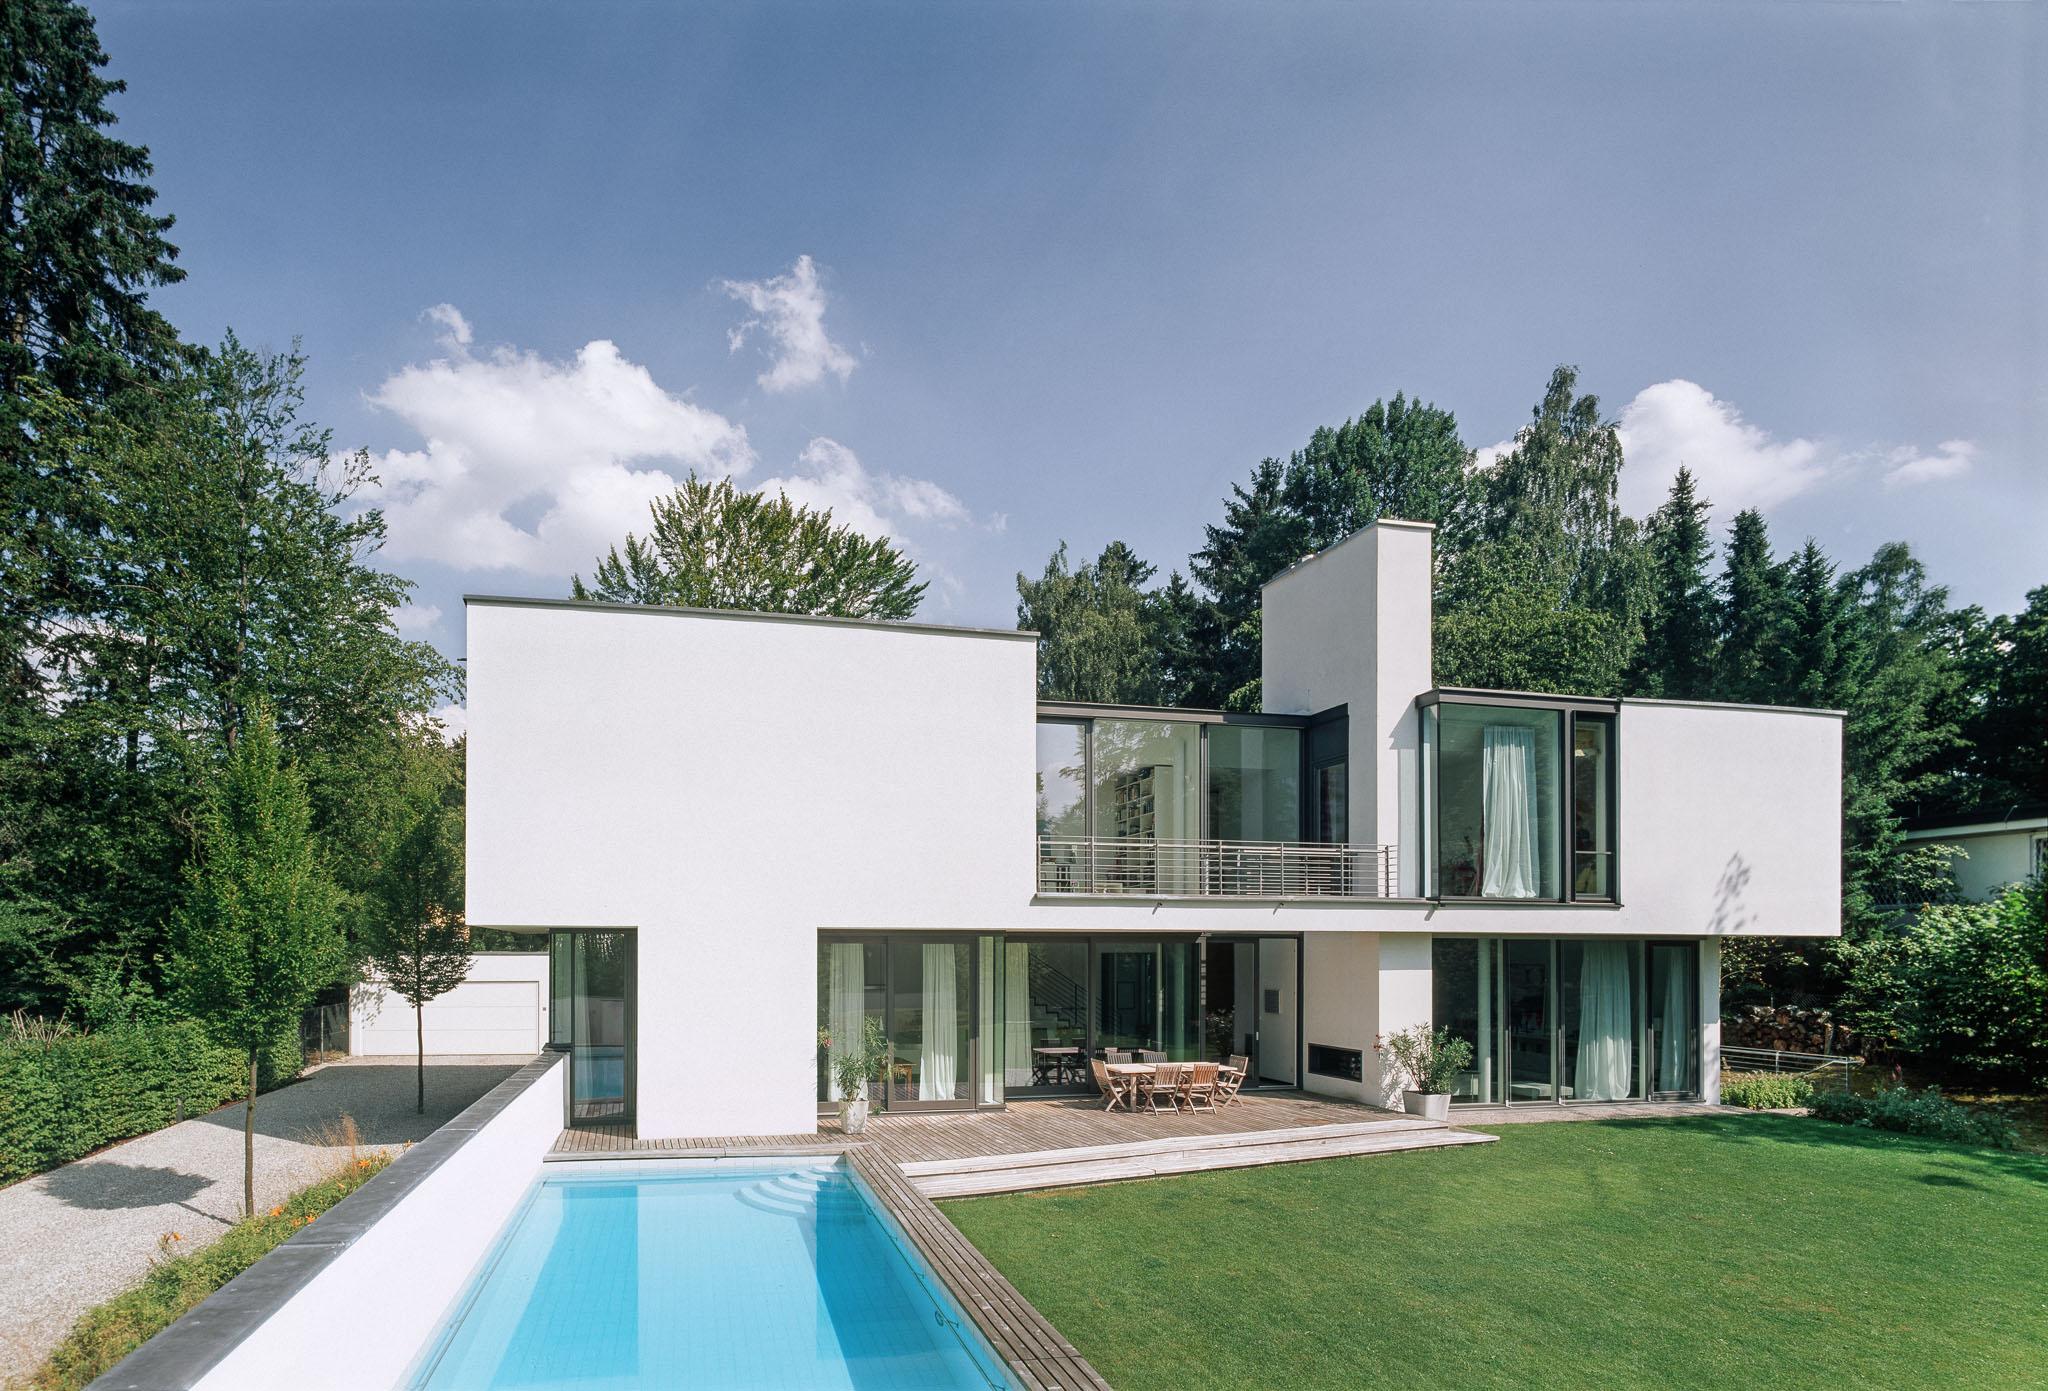 Haus bei München I 2